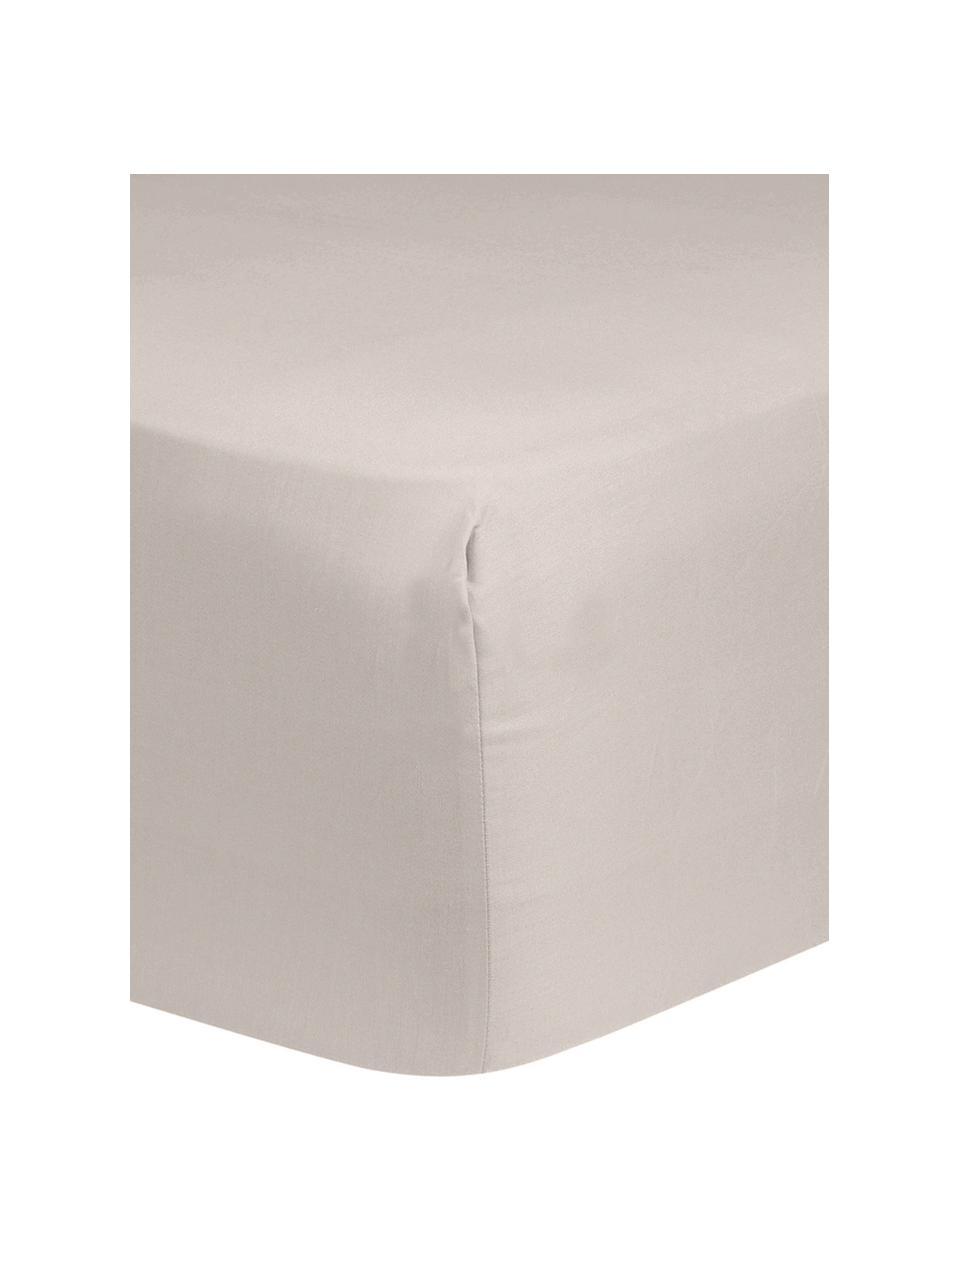 Spannbettlaken Comfort in Taupe, Baumwollsatin, Webart: Satin, leicht glänzend, Taupe, 160 x 200 cm